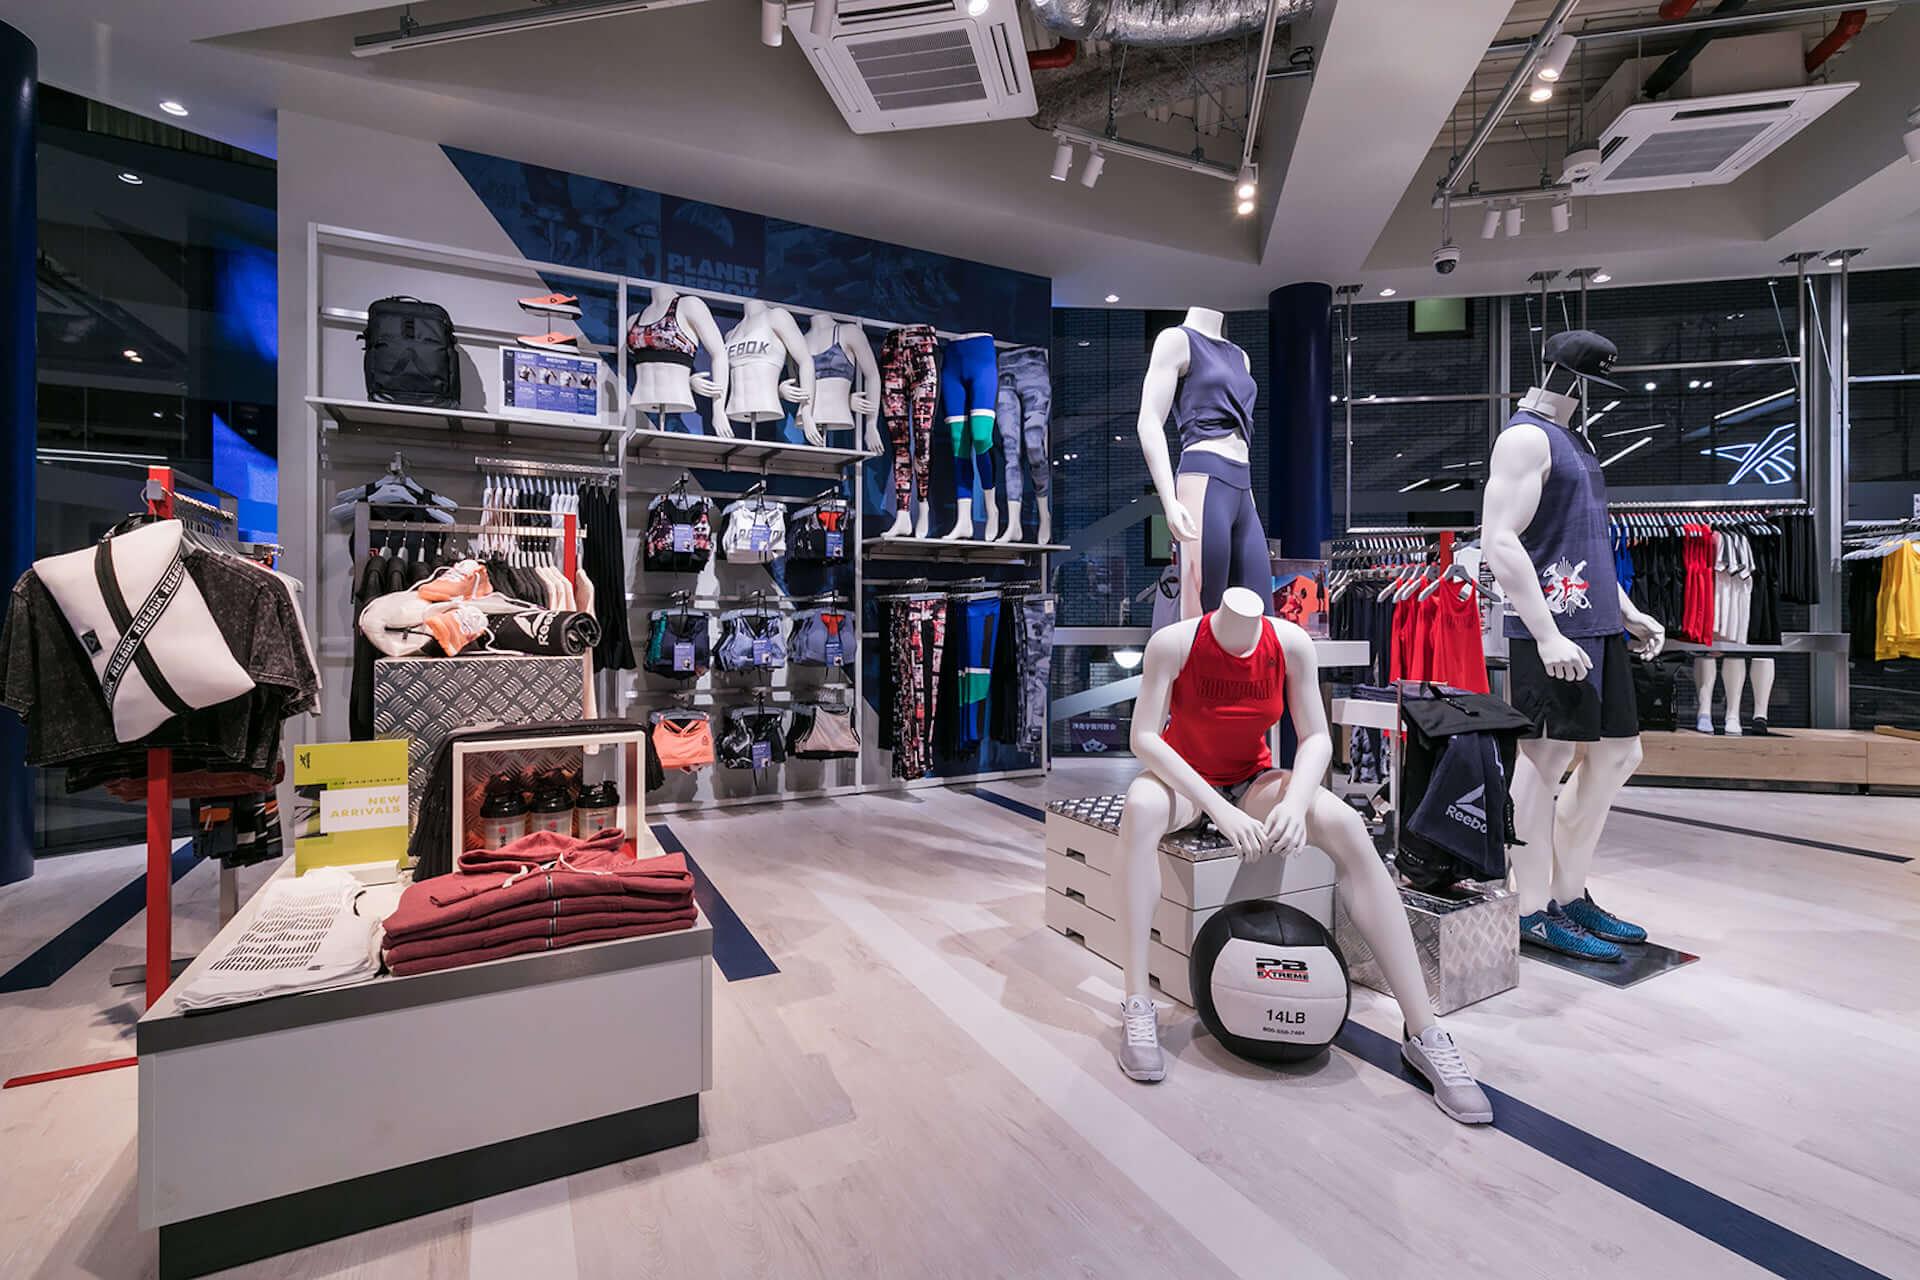 フィットネスとファッションを融合するReebok Store Shibuyaがオープン|スタイリングプロジェクト実施、限定アイテムも life190913_reebok_18-1920x1280